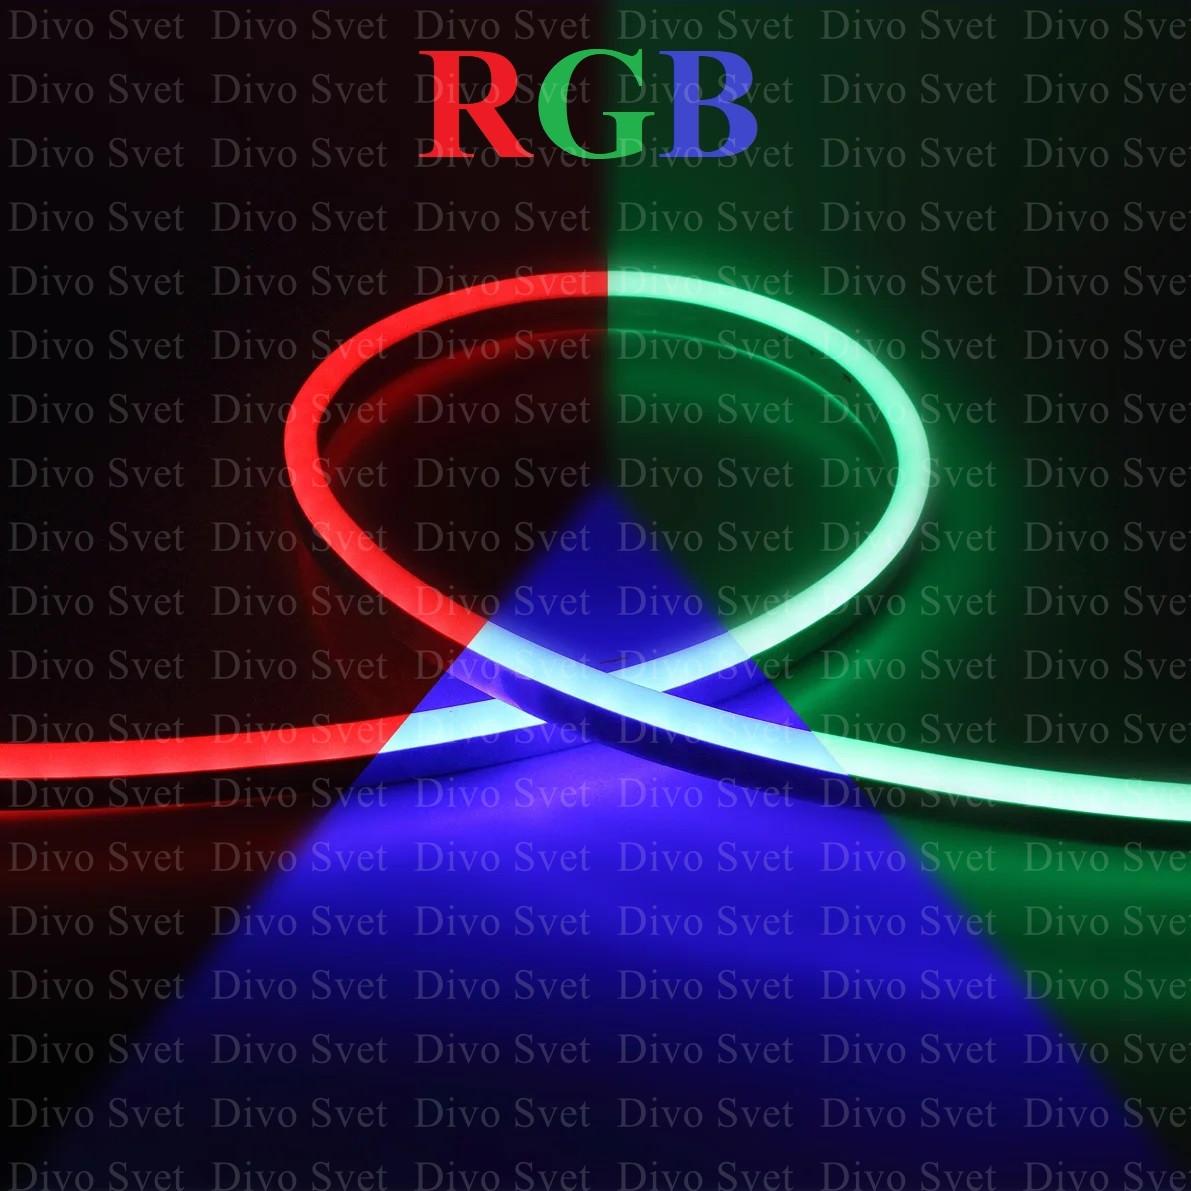 Флекс неон SMD круглый, многоцветный RGB. Led Flex neon, гибкий неоновый шнур. Неоновая лента цветная.